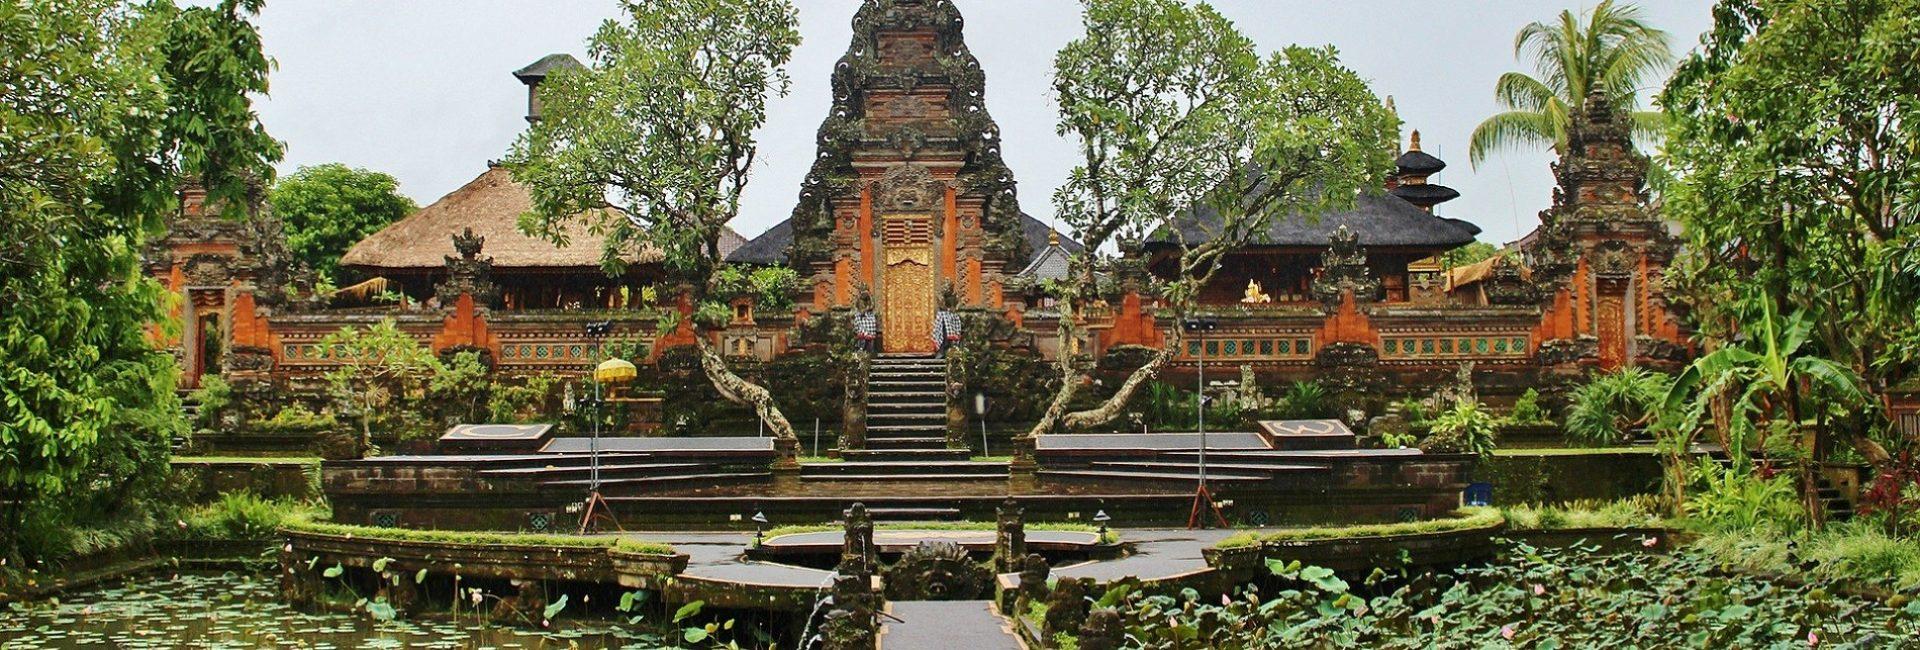 Odlučite se za putovanje na otok Bali i istražite brojne atrakcije koje definiraju Bali kao svjetsku top destinaciju.